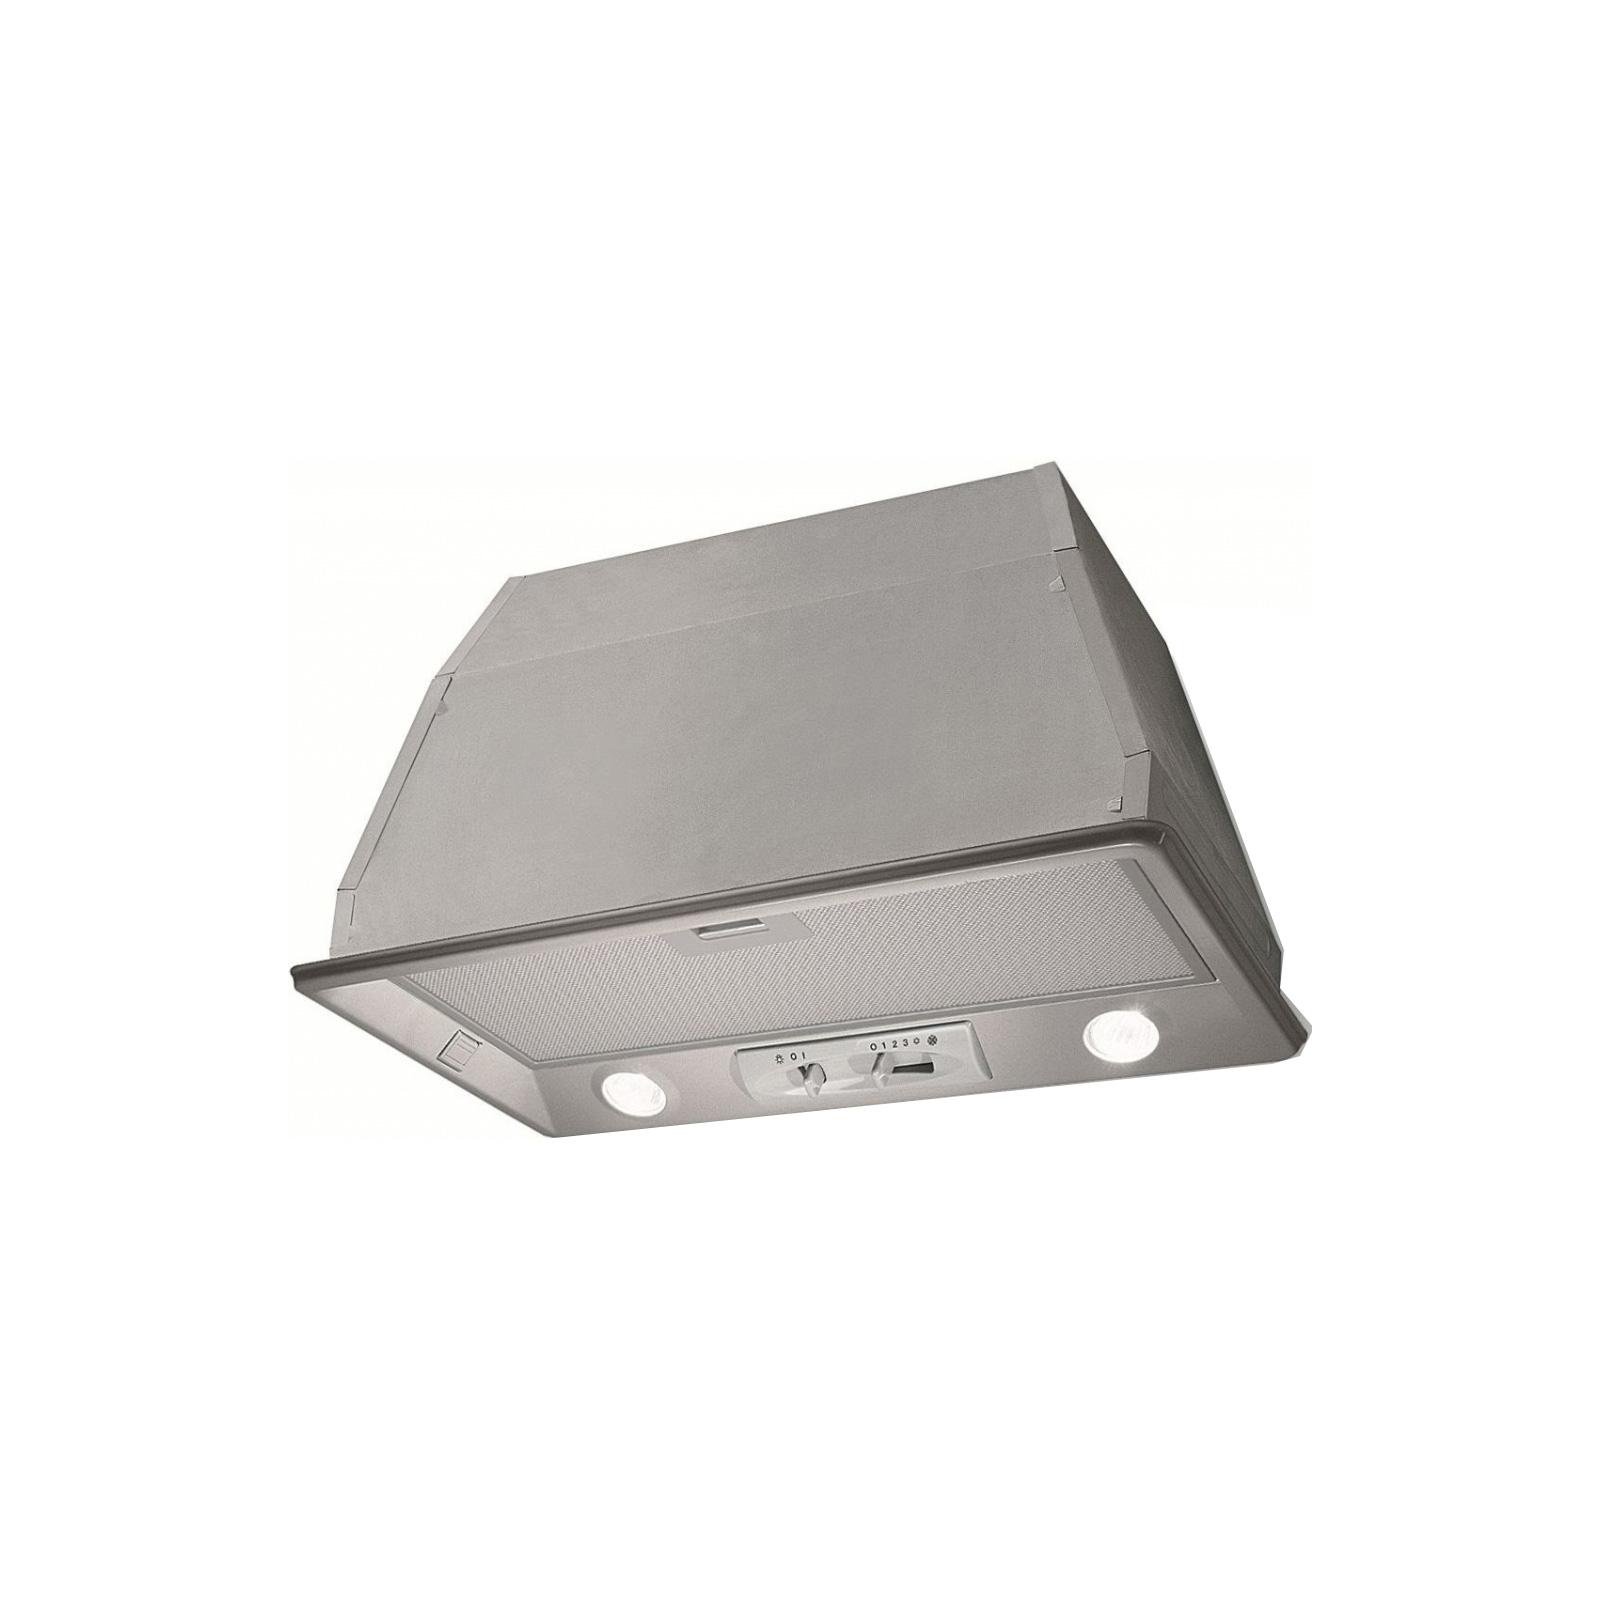 Вытяжка кухонная ELICA ELIBLOC LUX/GR A/60